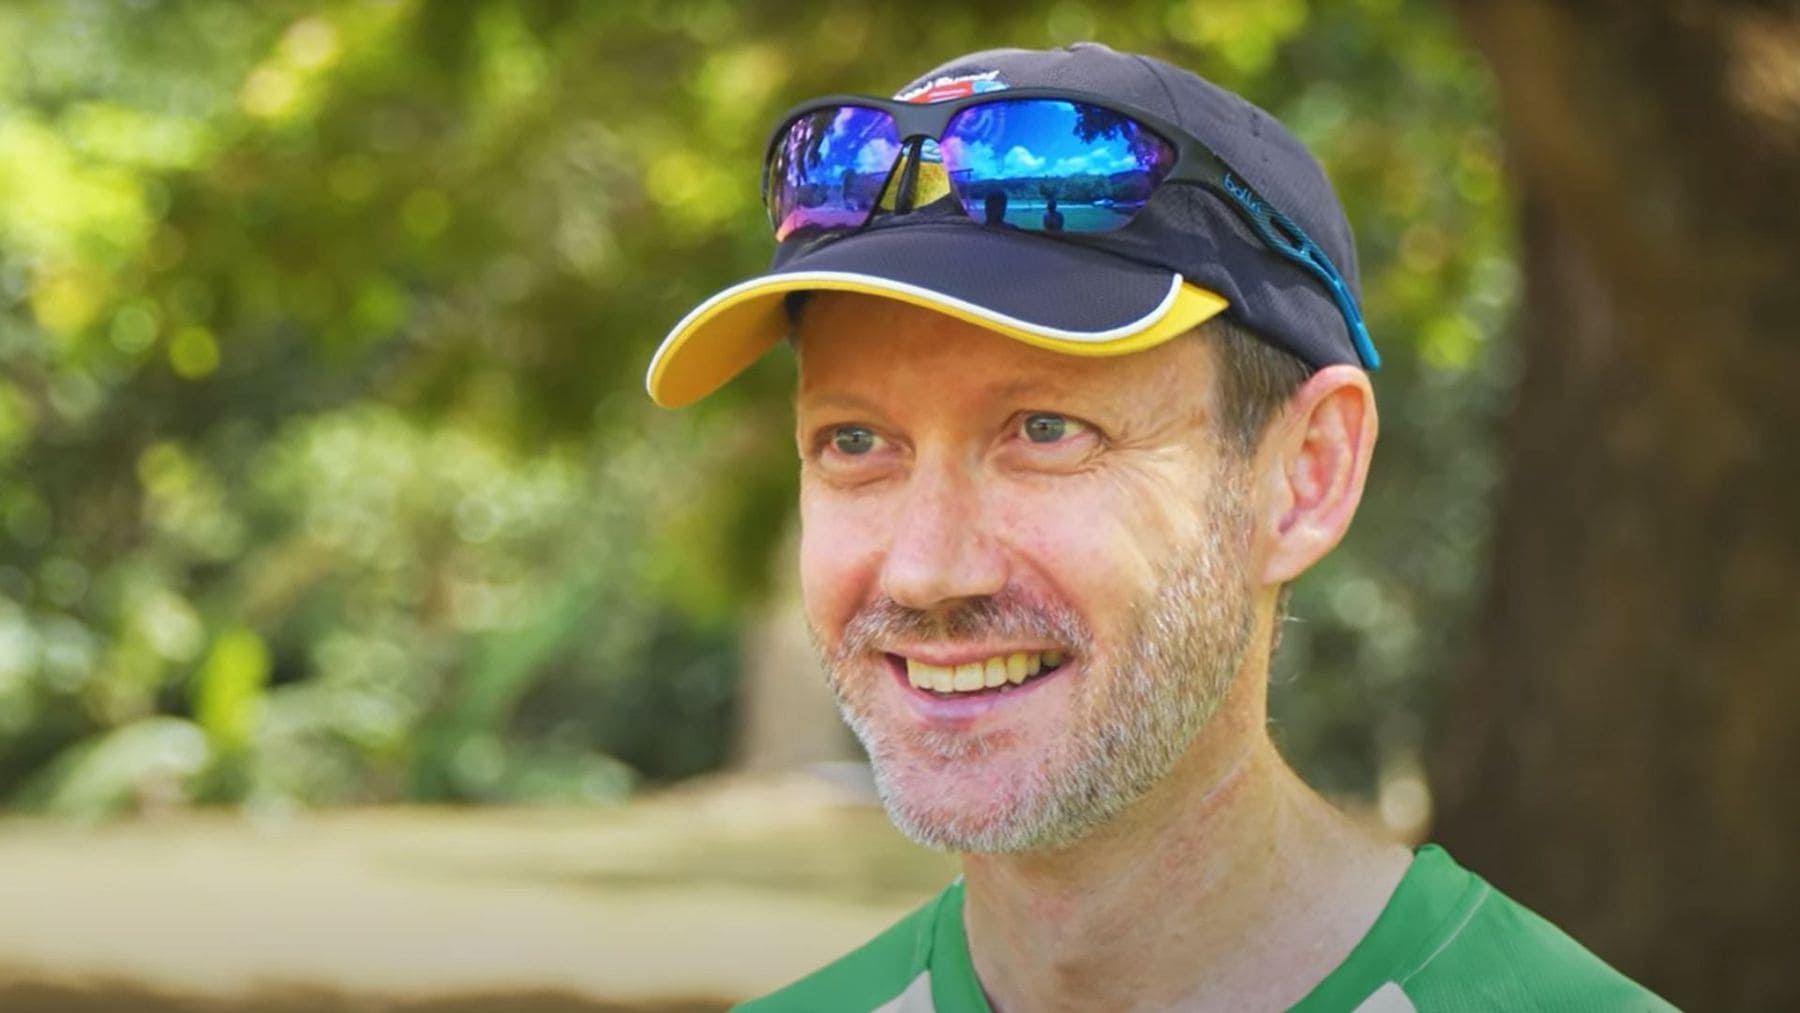 G'day Port Douglas & Daintree - Meet Gary our marathon man who runs and runs. .